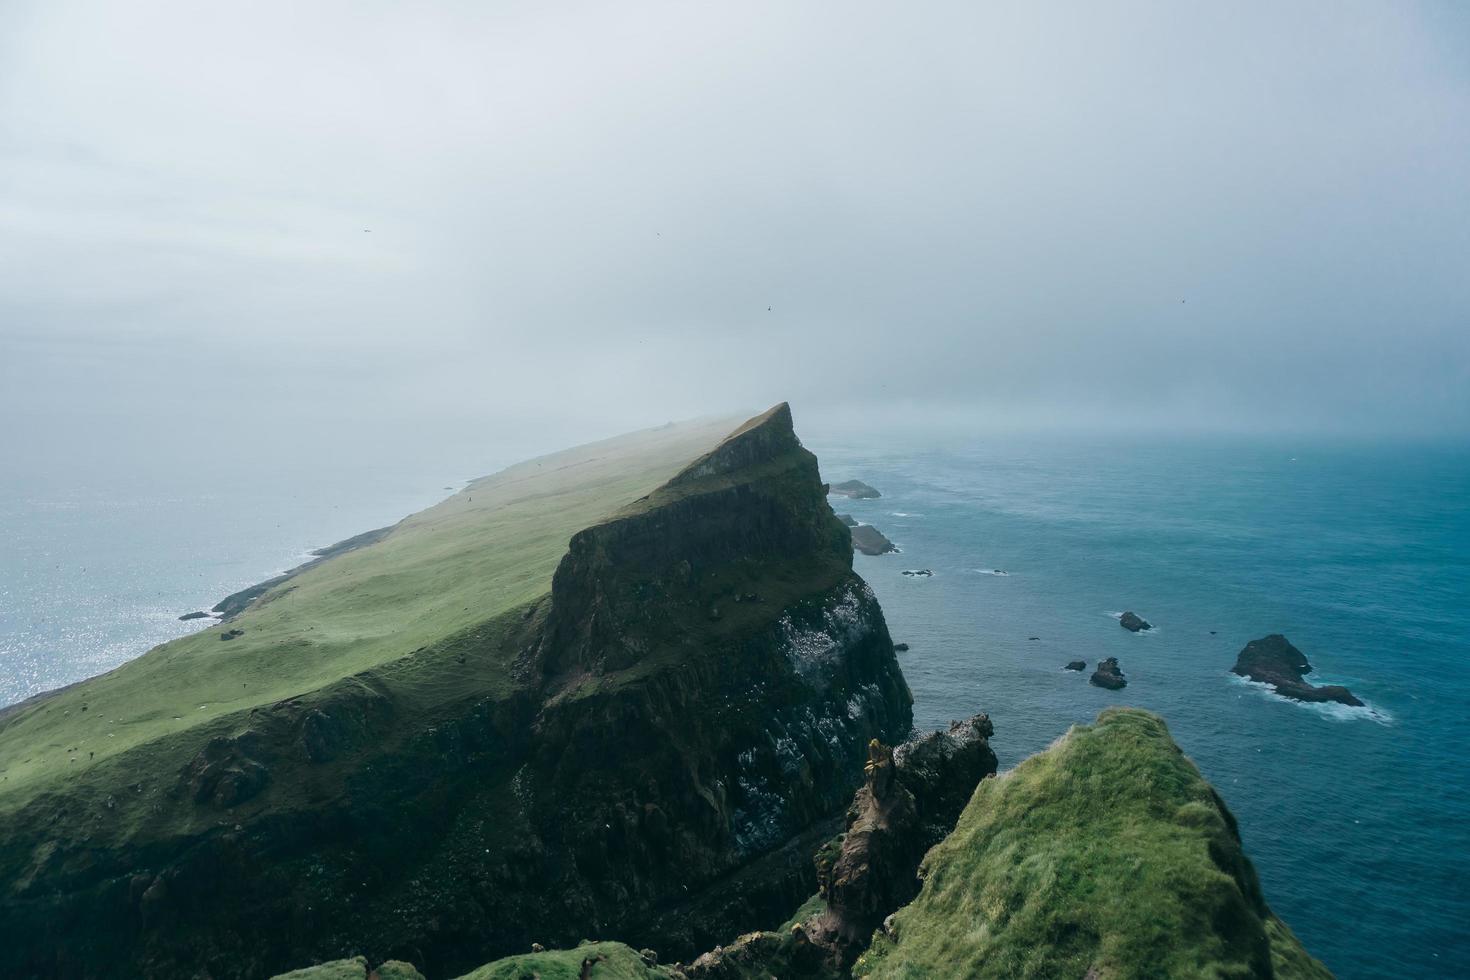 Cliff near ocean under foggy sky photo